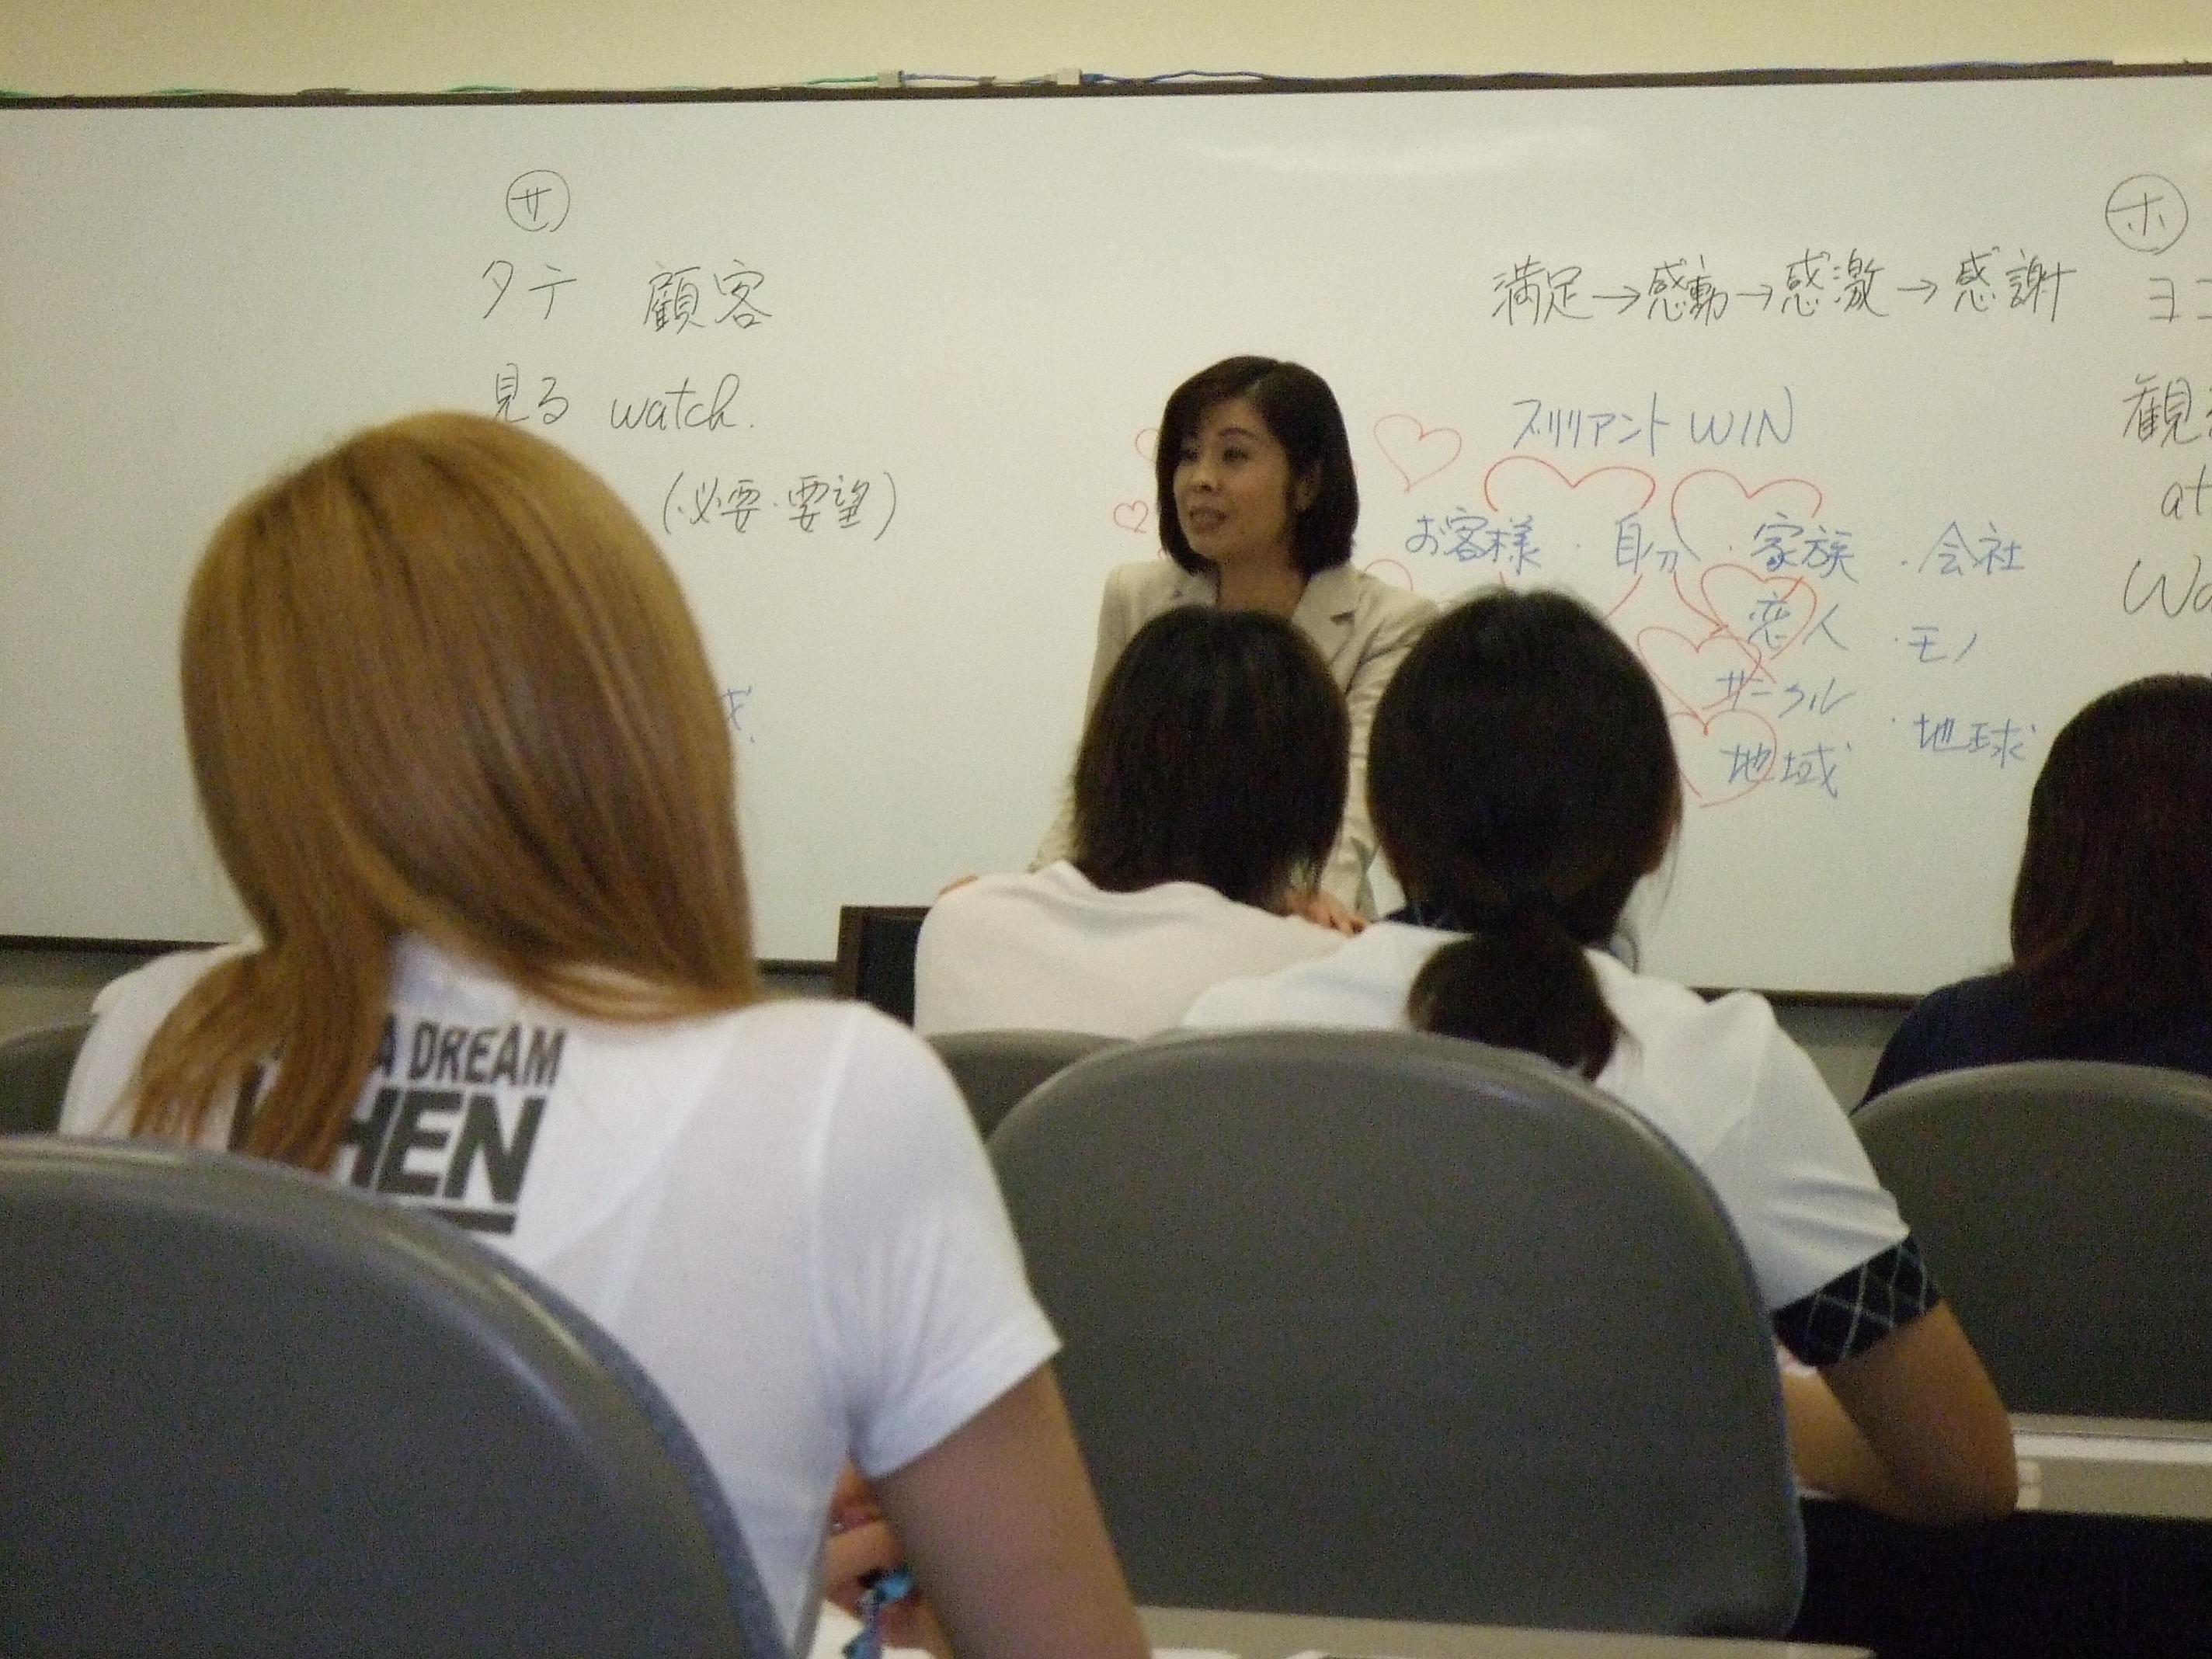 SanoAkiko_20090915.jpg.JPG